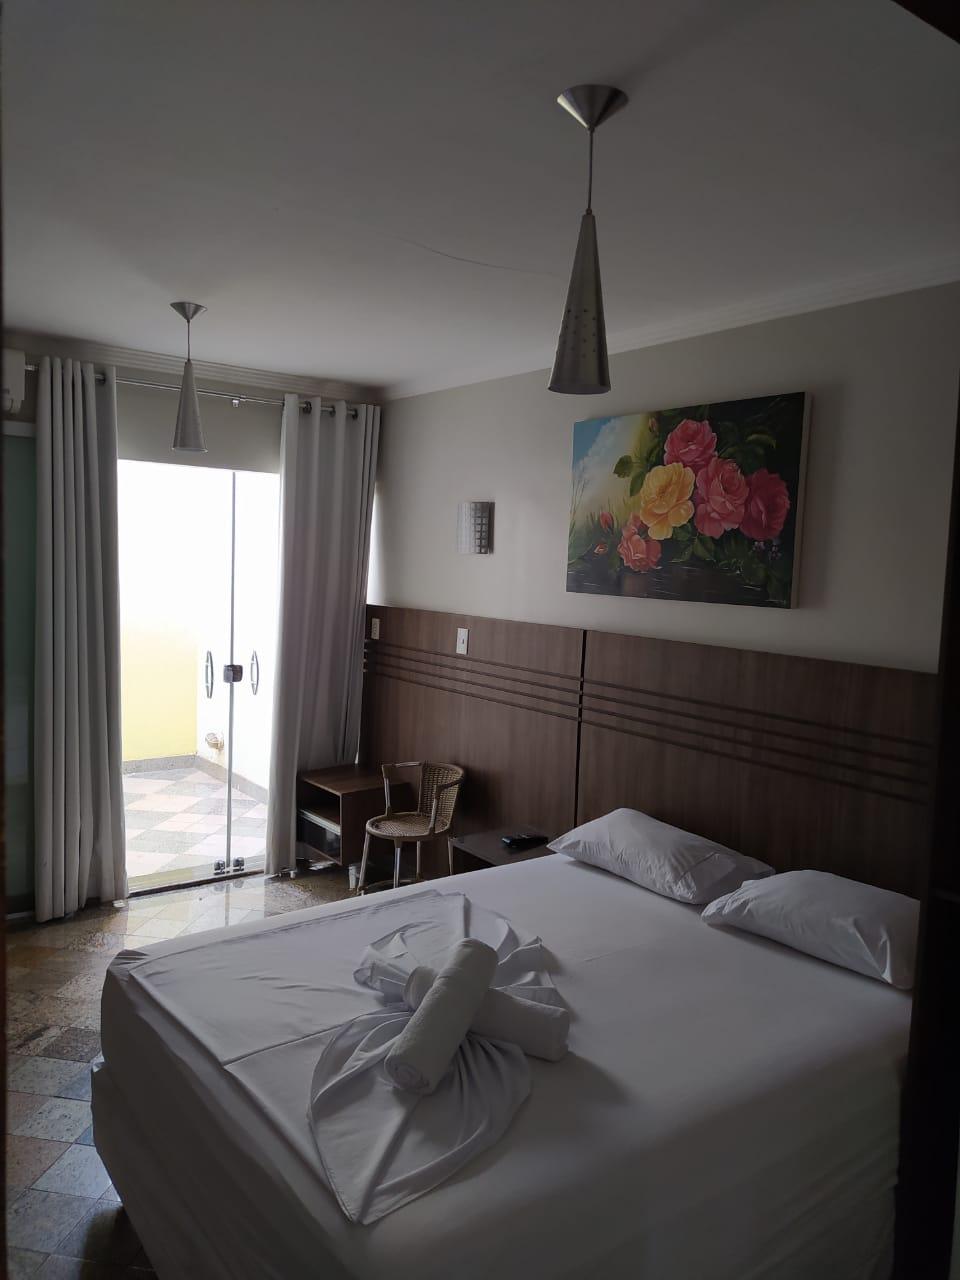 hotel-patos-de-minas-2-1 ALUGA SE FLATS MOBILLIADOS